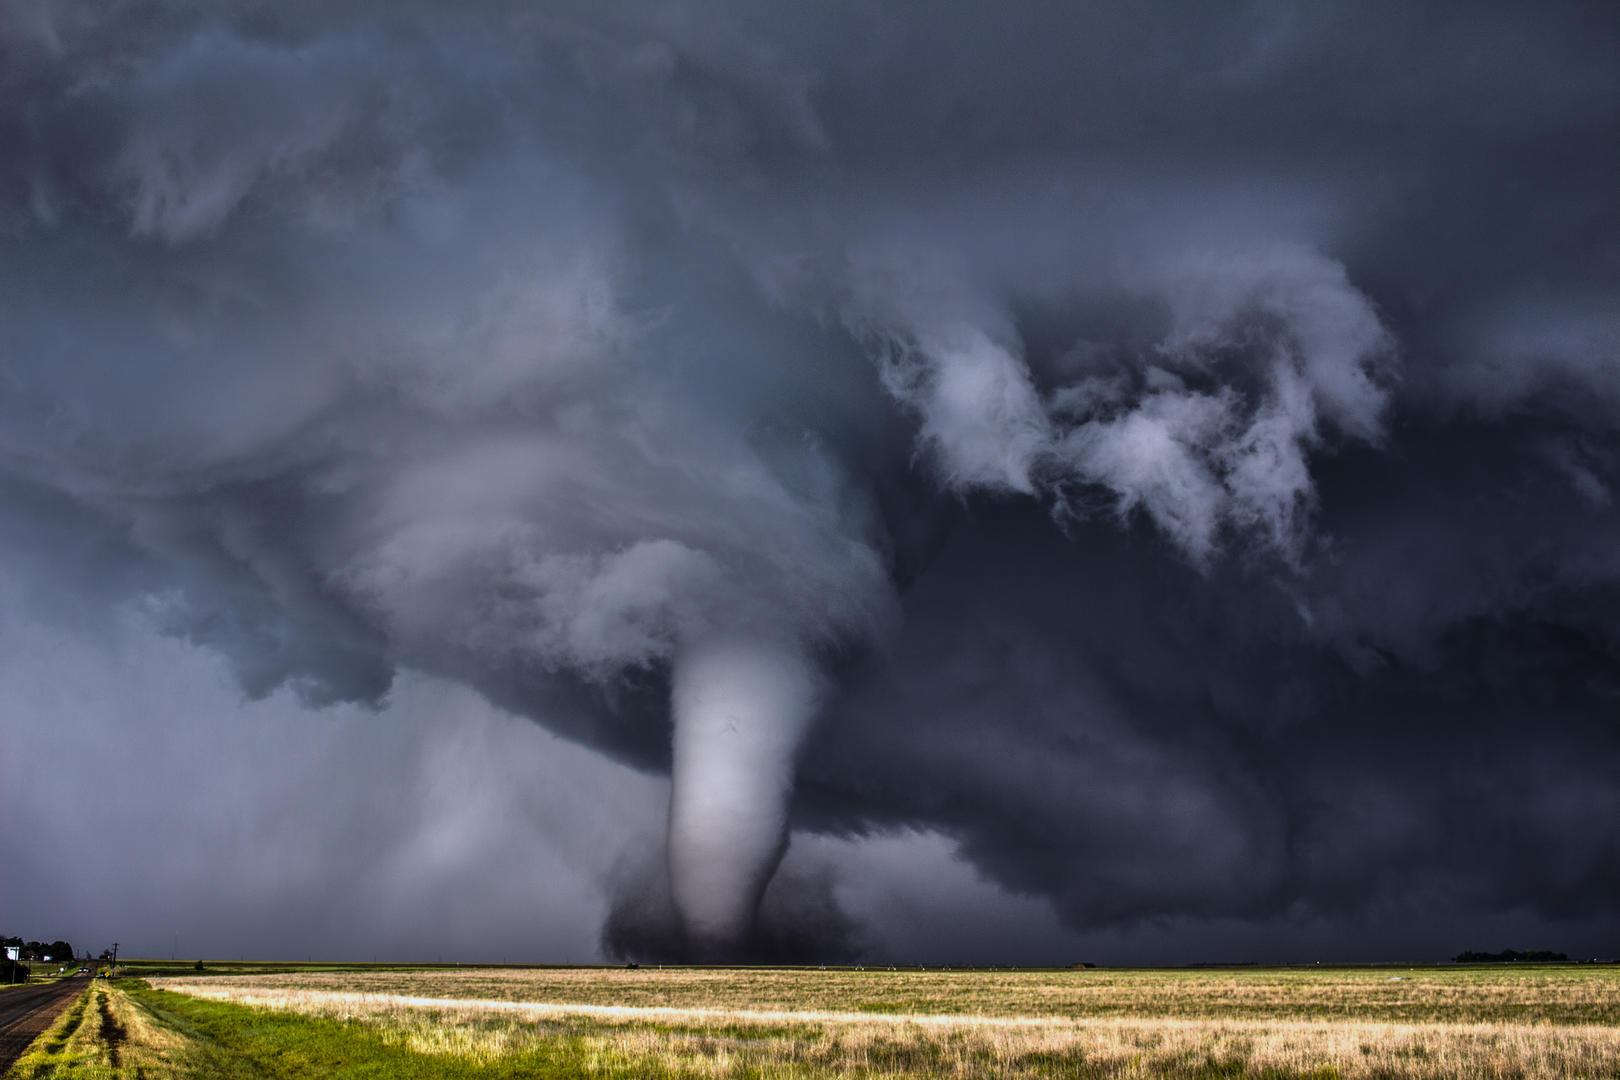 Идеальный Торнадо, © Фрэнсис Лавин-Терио, 1 место зрительного голосования, Фотофестиваль FIX